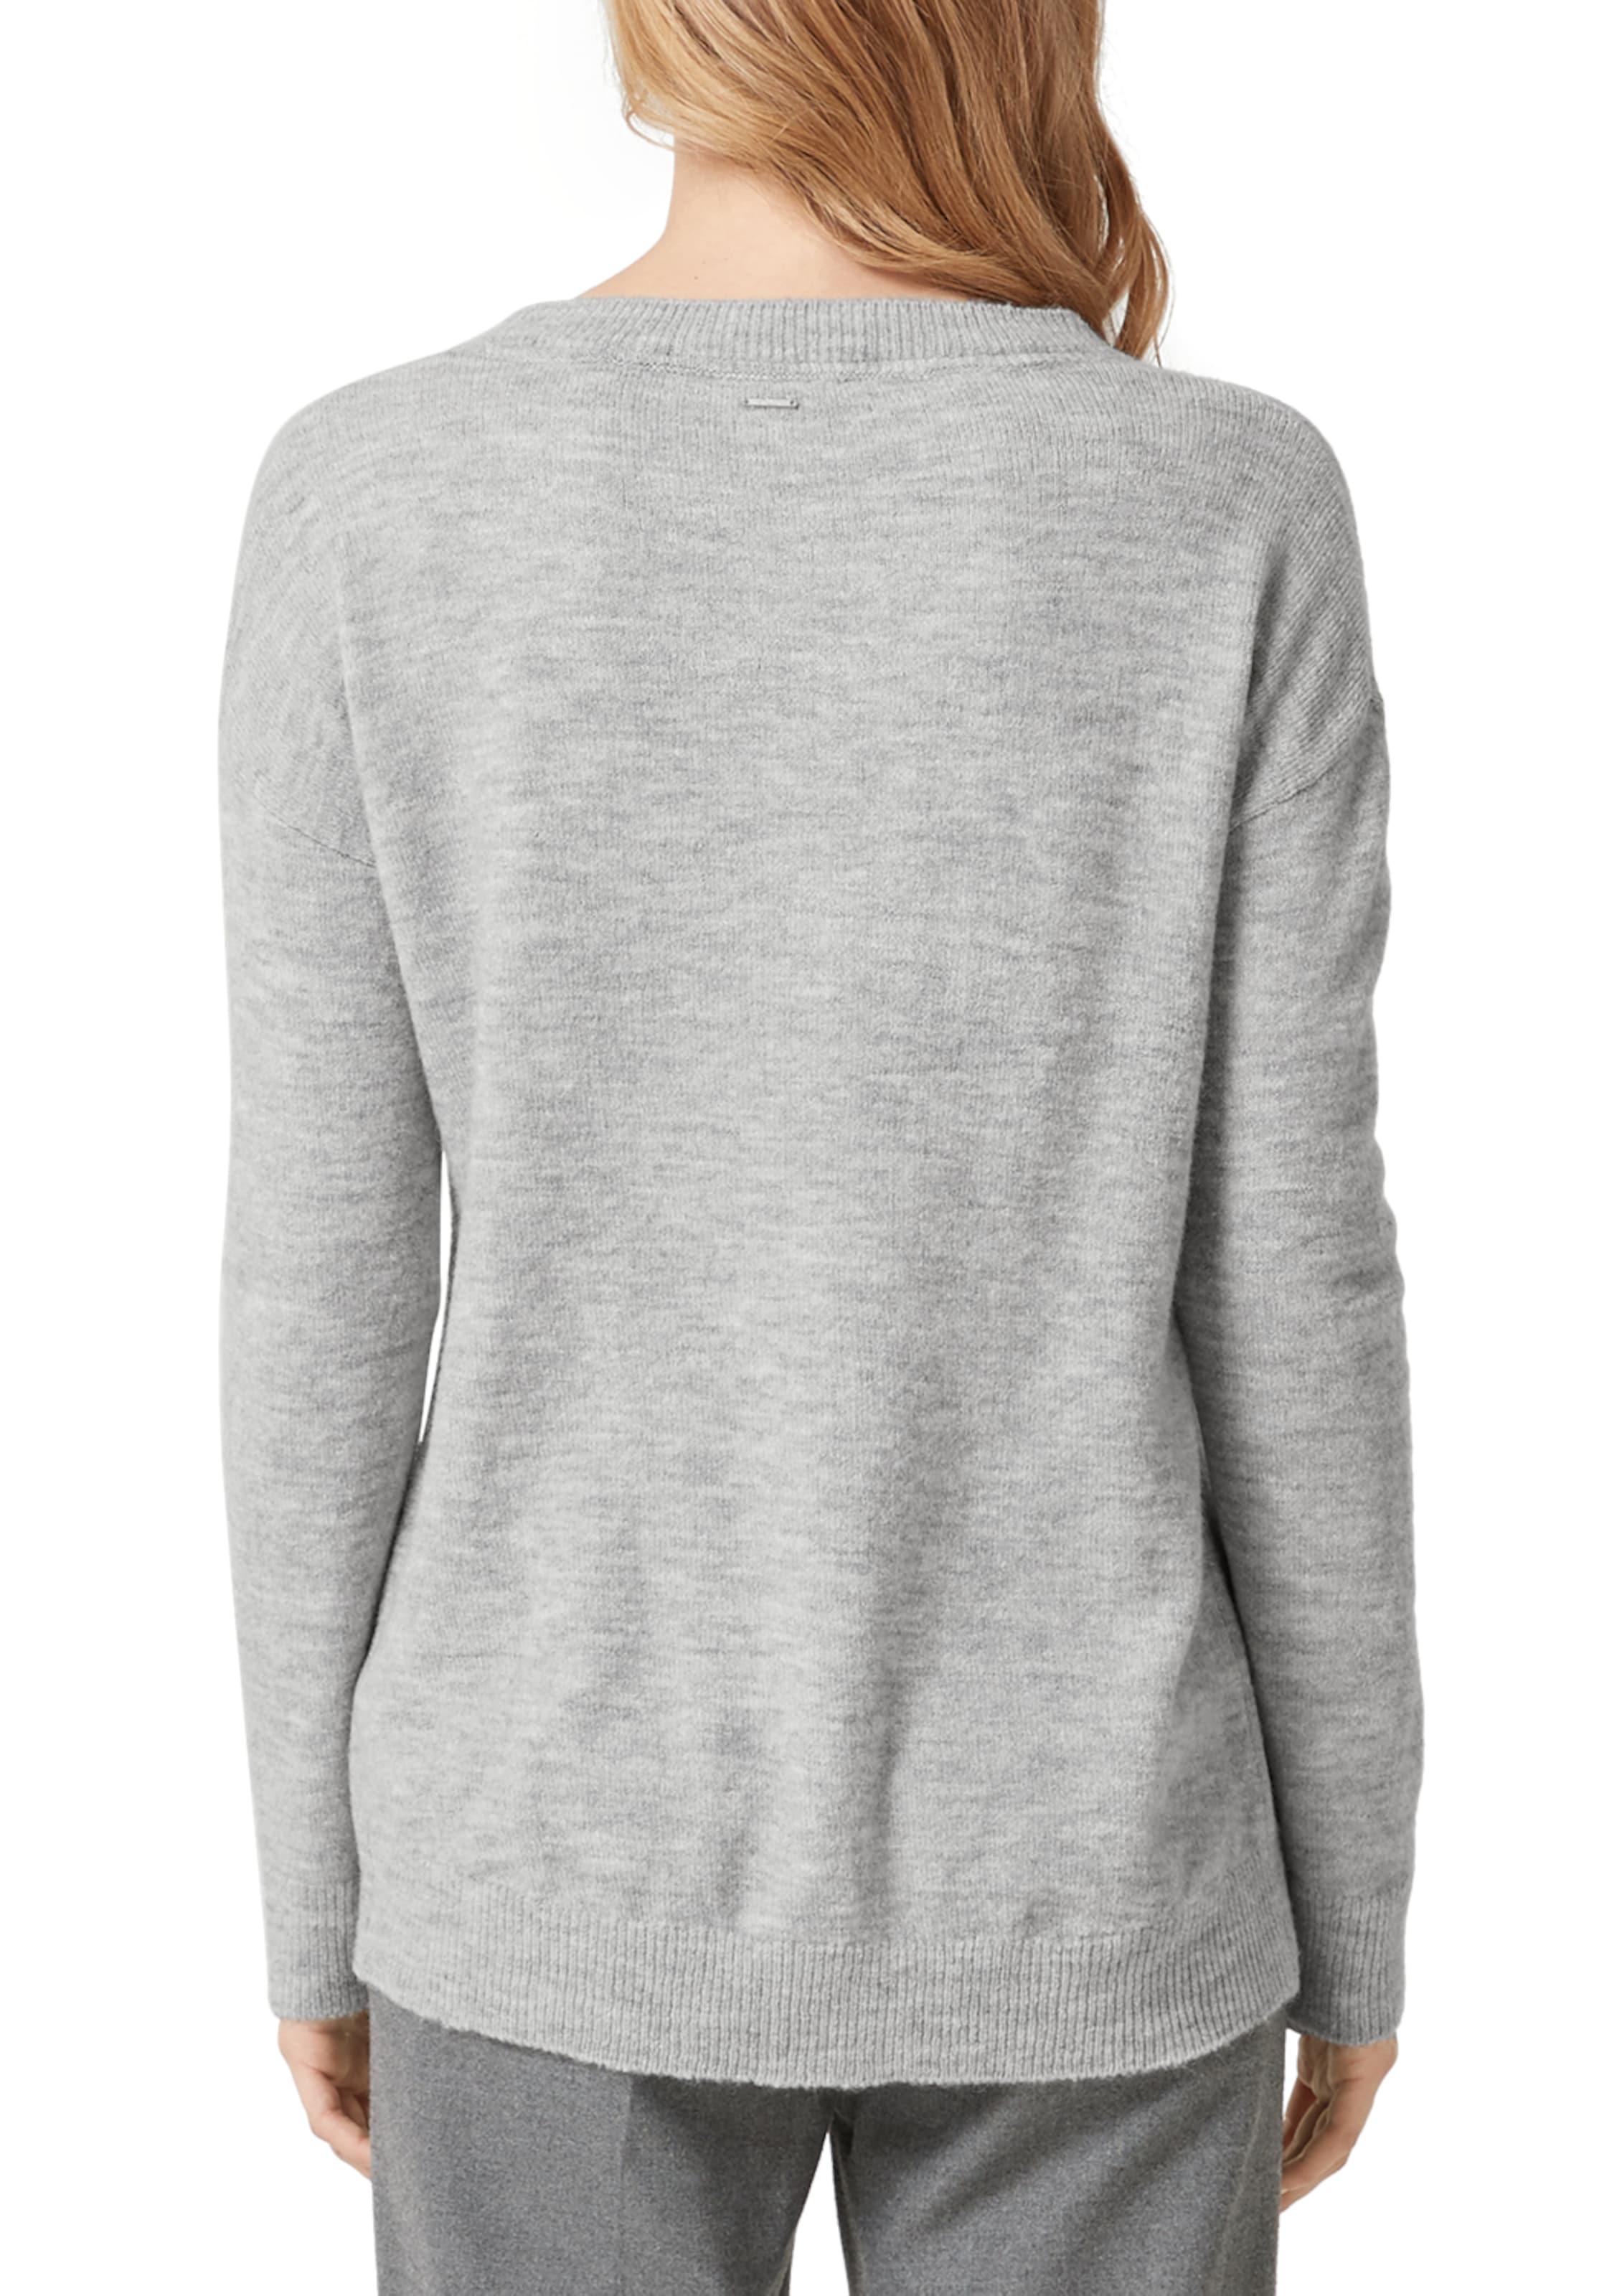 Red Label oliver Pullover S In GraumeliertSchwarz 9IHeYWDE2